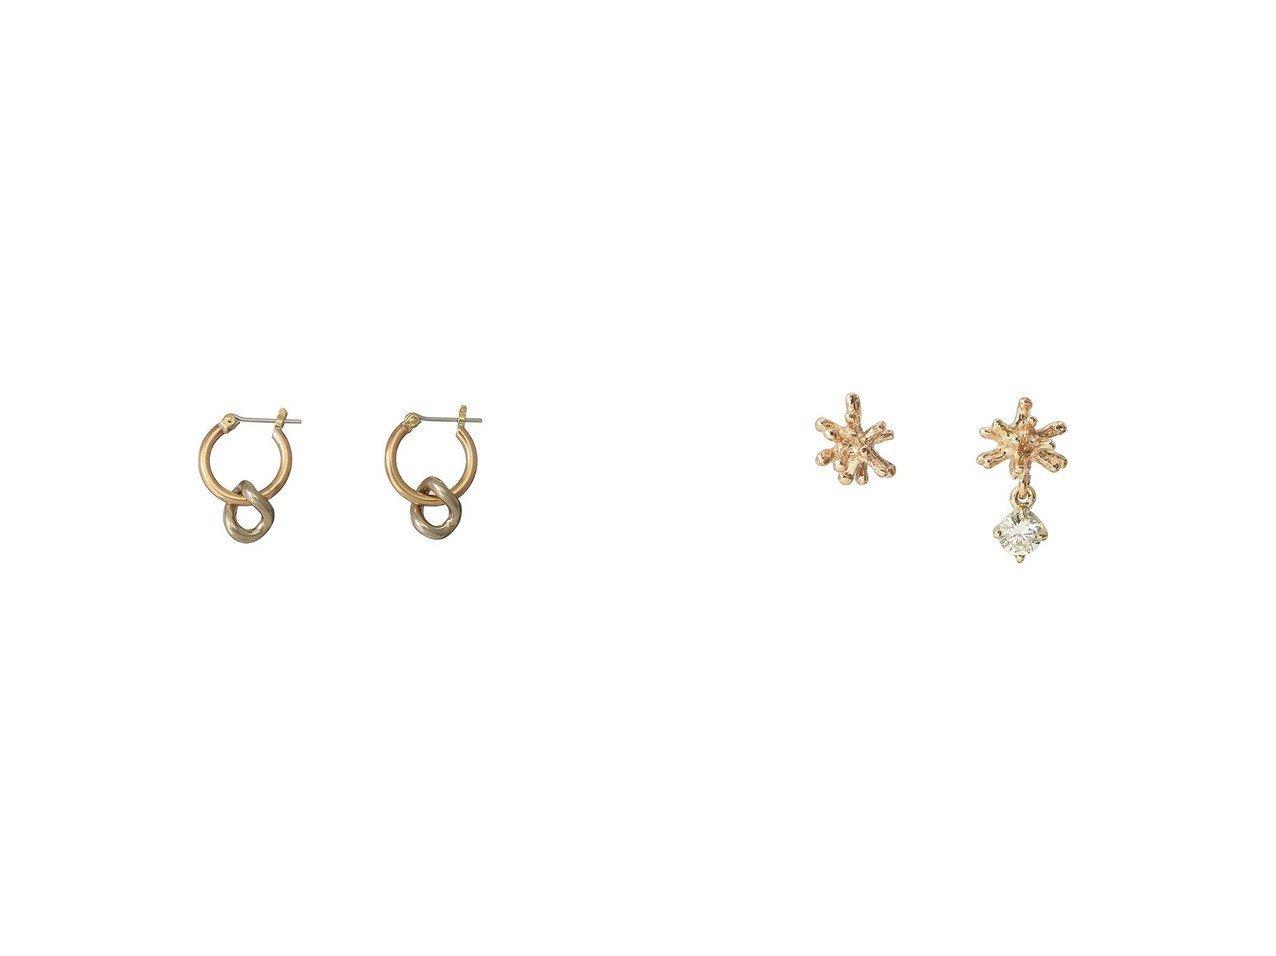 【MAISON SPECIAL/メゾンスペシャル】の【LAURA LOMBARDI】 MINI ONDA CHARM ピアス&【KAORU/カオル】のSTARDUST K10 ゴールド ダイヤモンド ピアス アクセサリー・ジュエリーのおすすめ!人気、レディースファッションの通販 おすすめで人気のファッション通販商品 インテリア・家具・キッズファッション・メンズファッション・レディースファッション・服の通販 founy(ファニー) https://founy.com/ ファッション Fashion レディース WOMEN サークル シルバー モダン イヤーカフ エレガント コレクション スペシャル ダイヤモンド 片耳 |ID:crp329100000003815